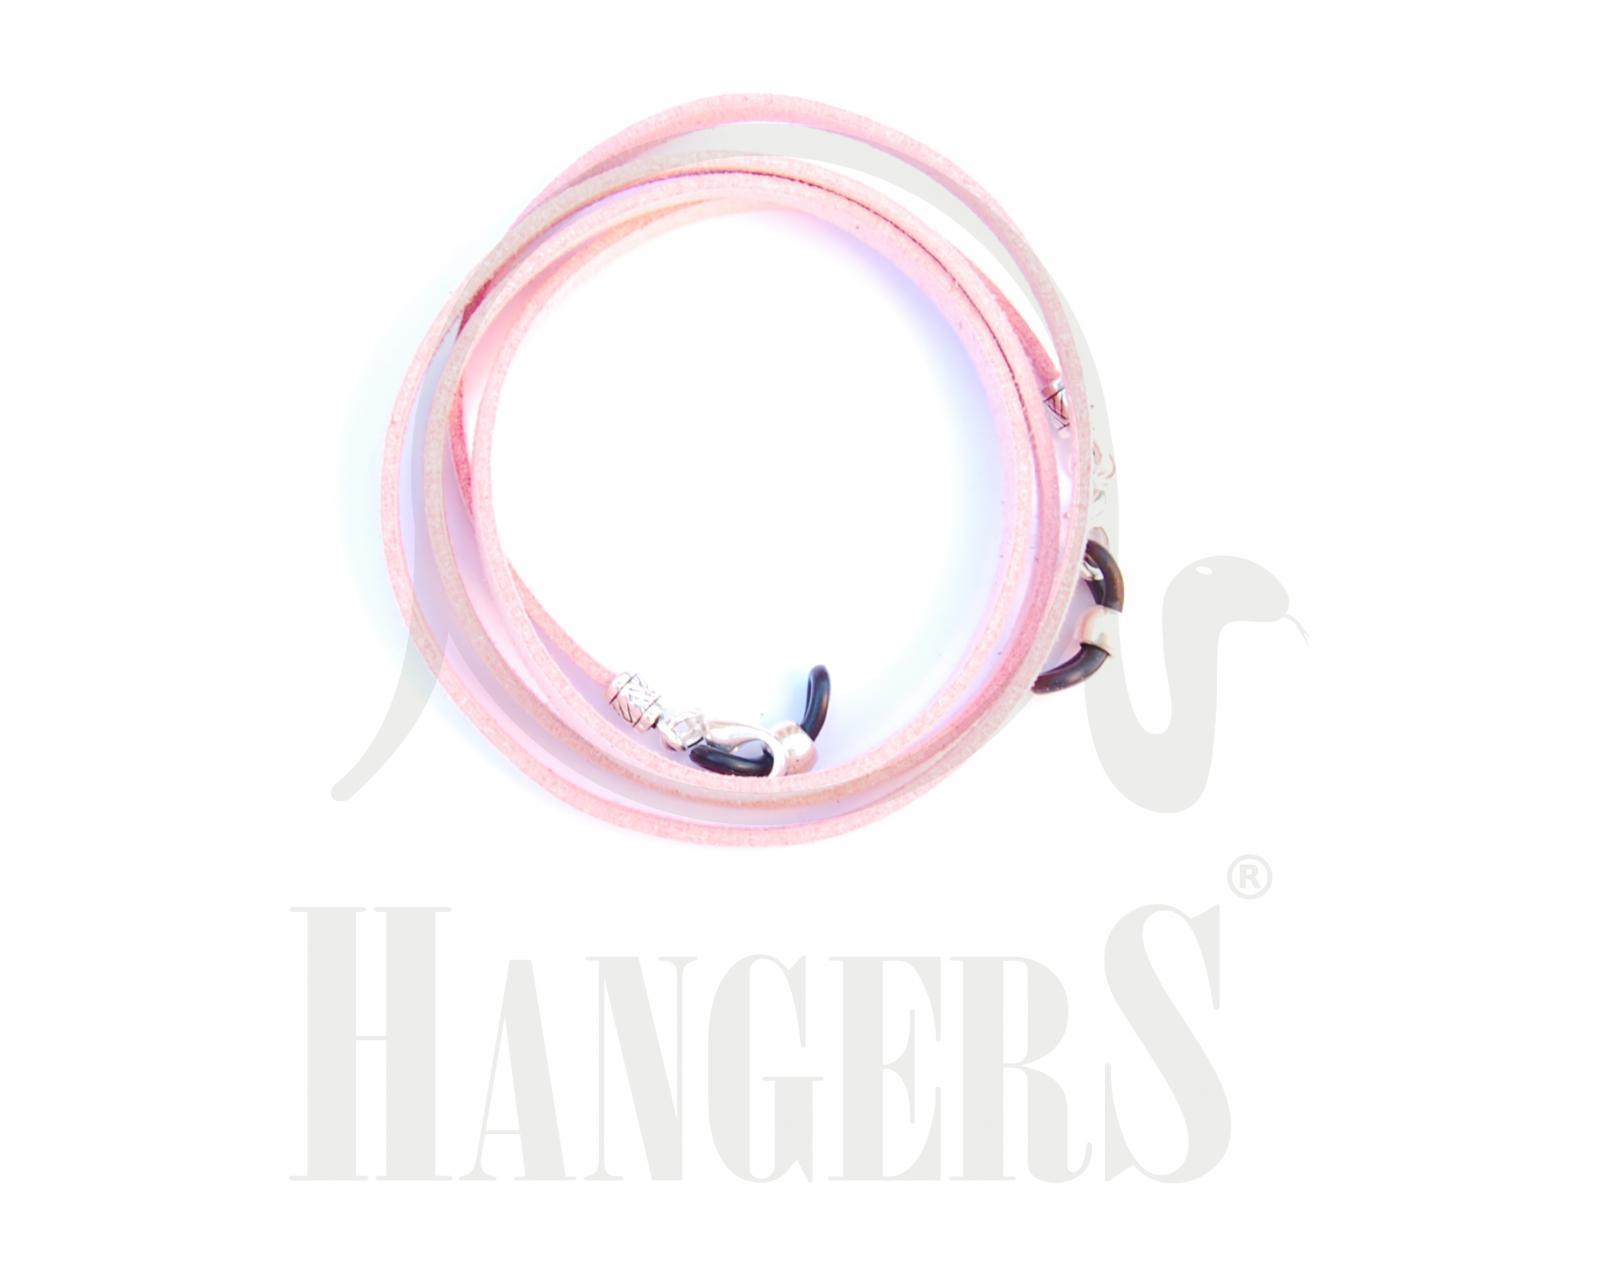 Cordon de Gafas Cherokee rosa